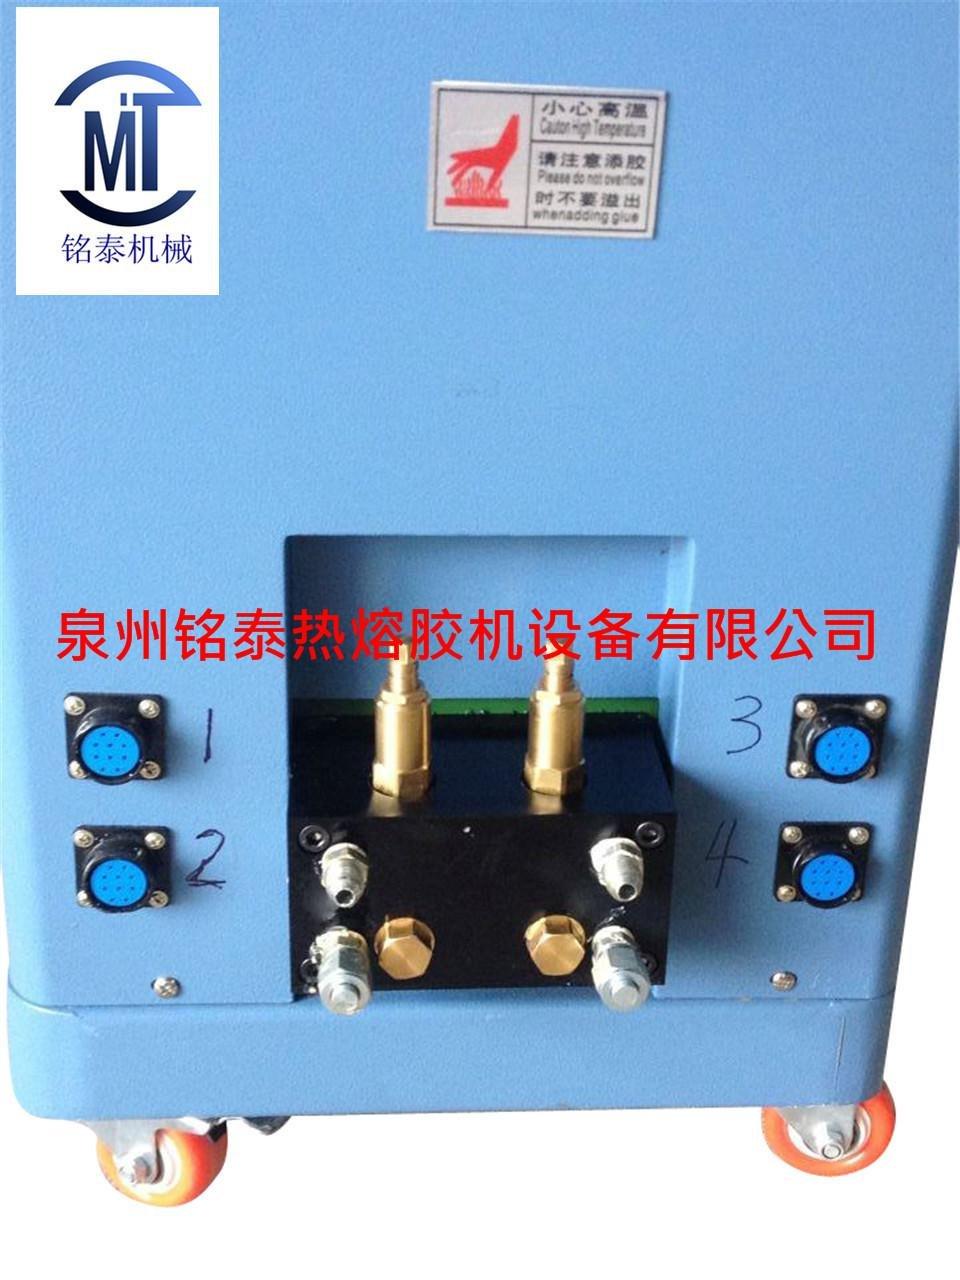 泉州齿轮泵热熔胶机厂家 泉州哪里有好的热熔胶机